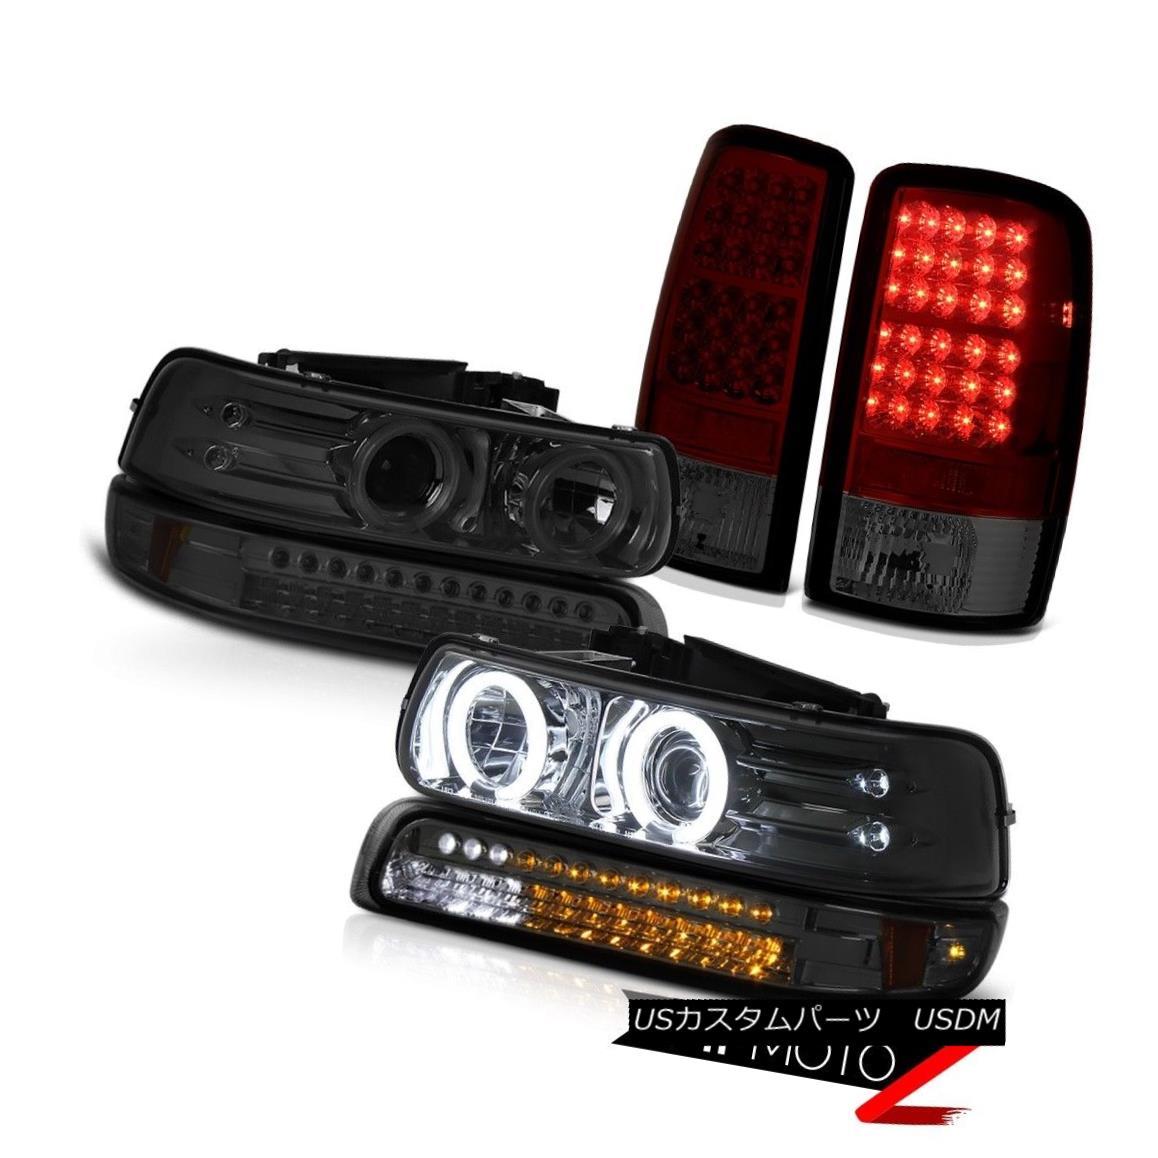 テールライト Devil's Eye CCFL Halo Headlights LED Smoke Parking Red Tail Lights 00-06 Tahoe 悪魔の目CCFLハローヘッドライトLEDスモークパーキングレッドテールライト00-06タホ